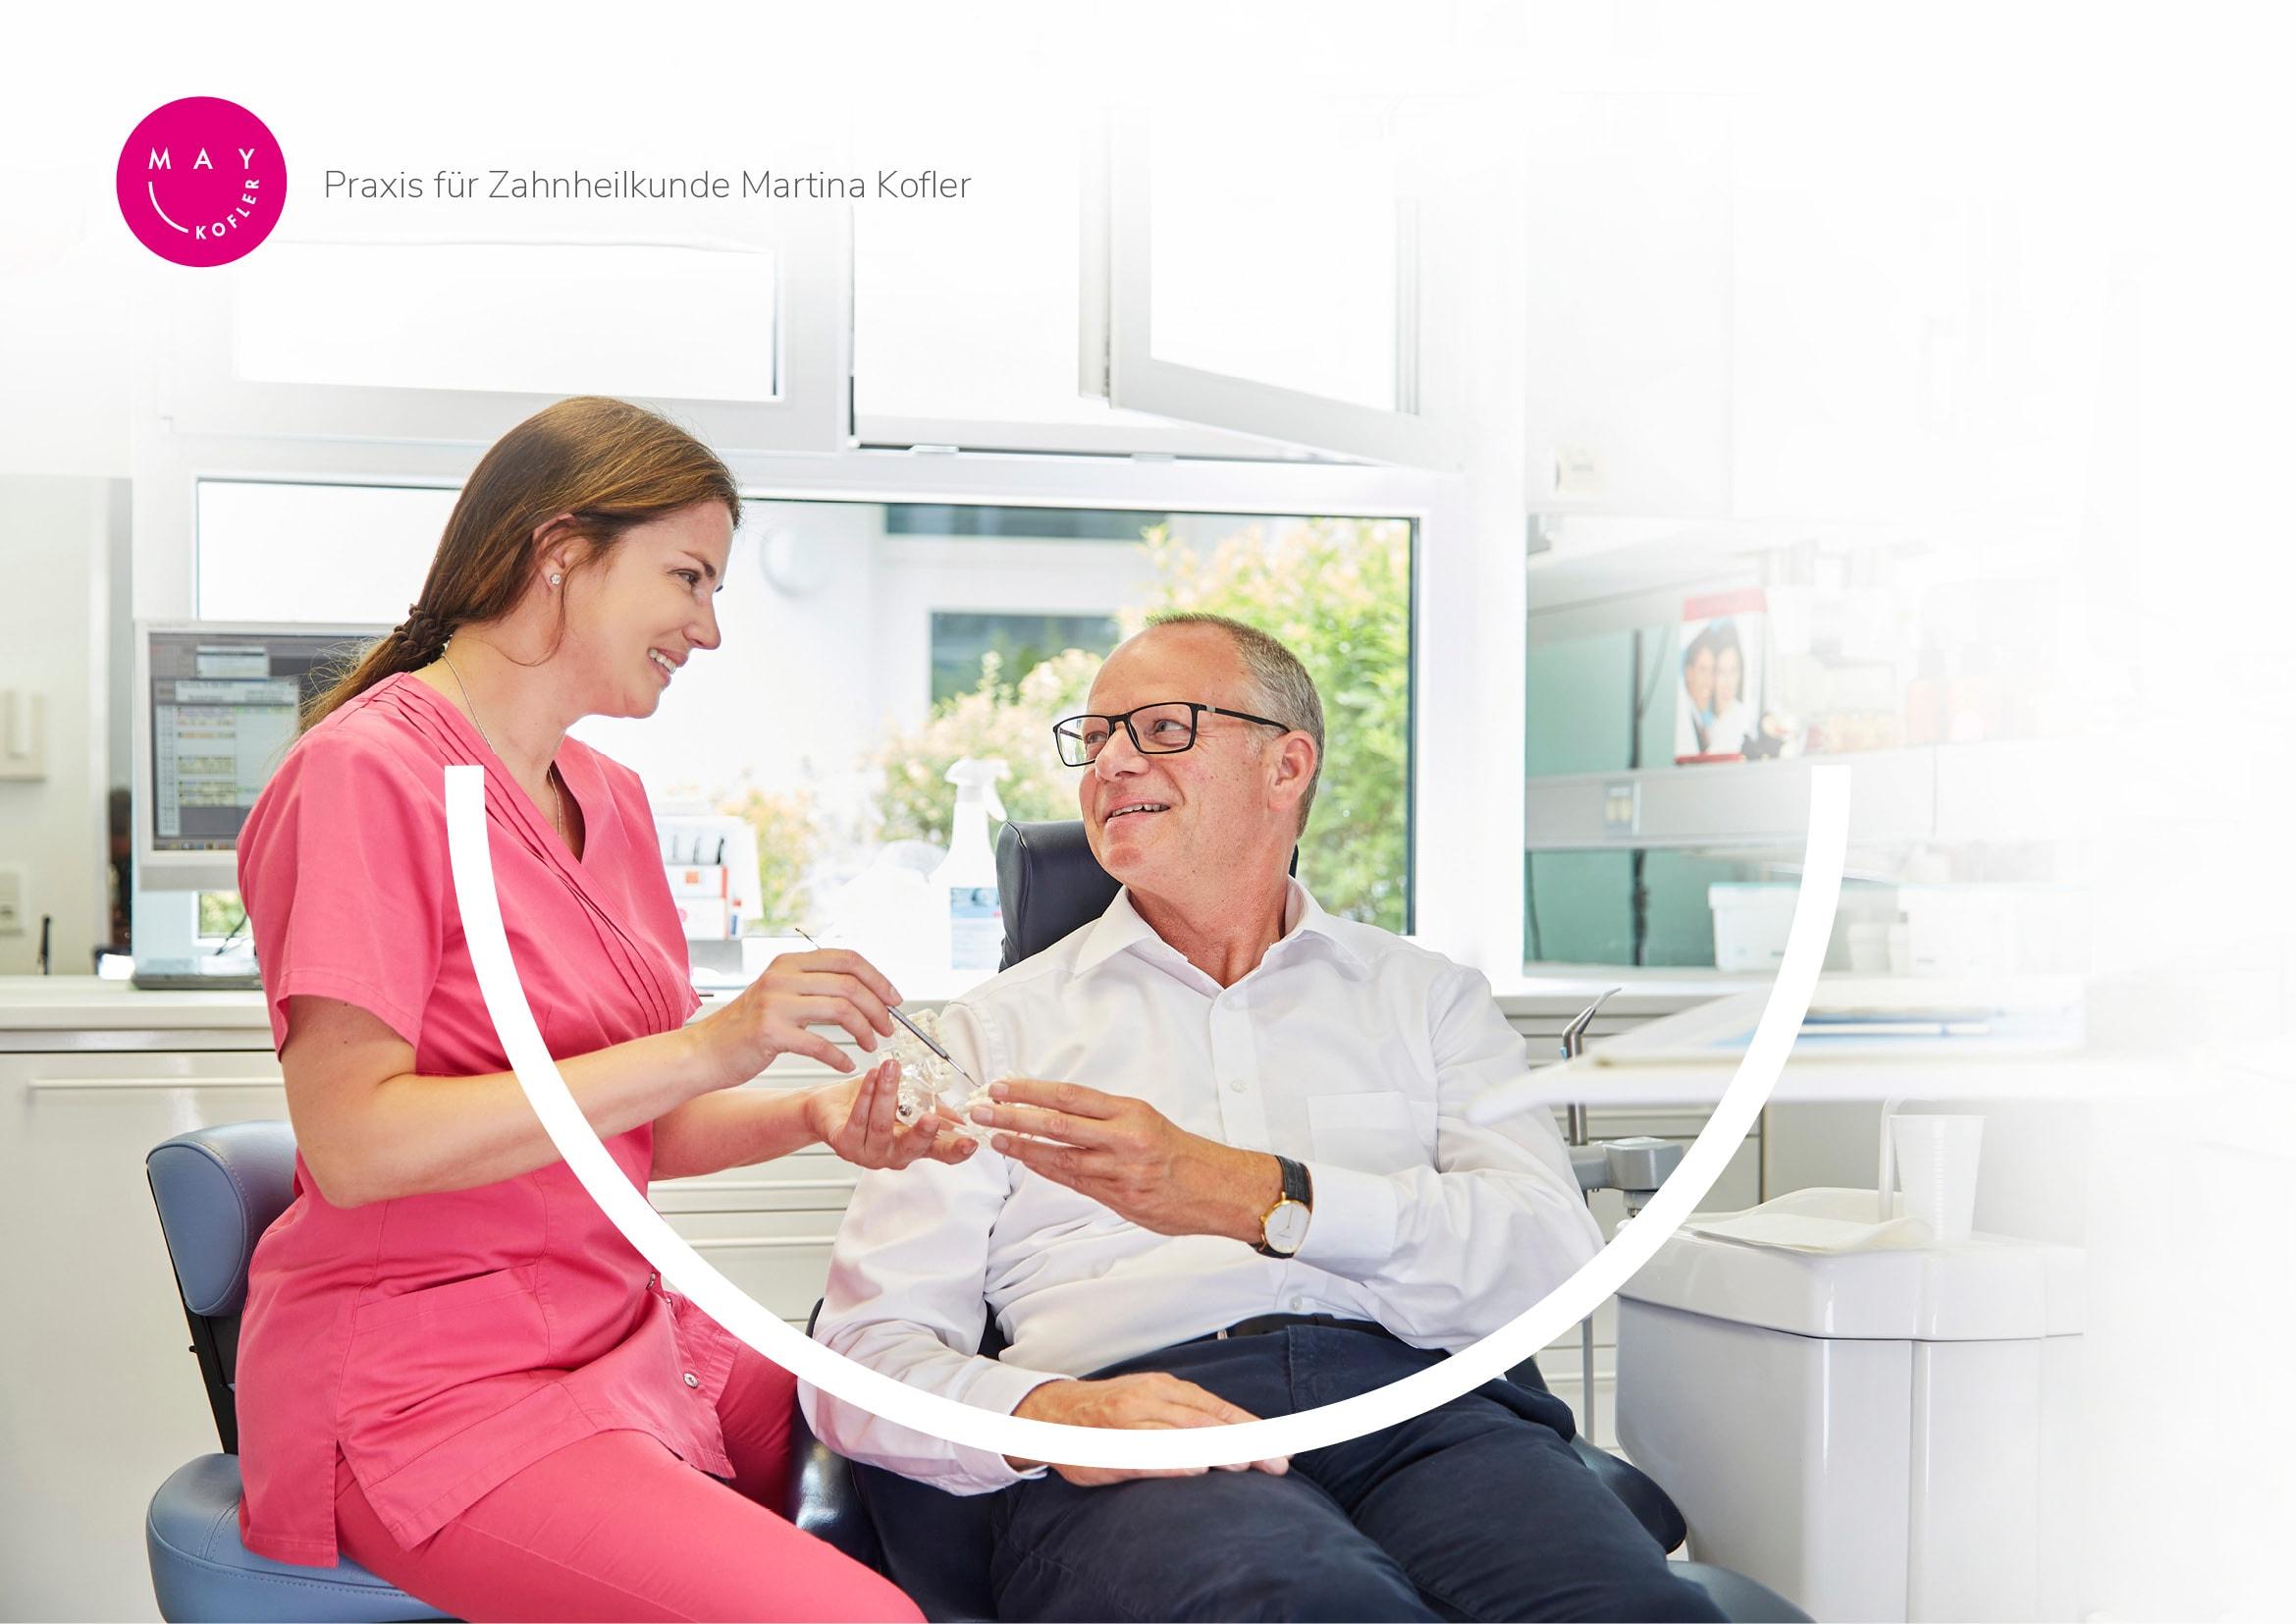 Homepage Entwicklung für Zahnarztpraxis Martina Kofler durch Ronald Wissler Visuelle Kommunikation